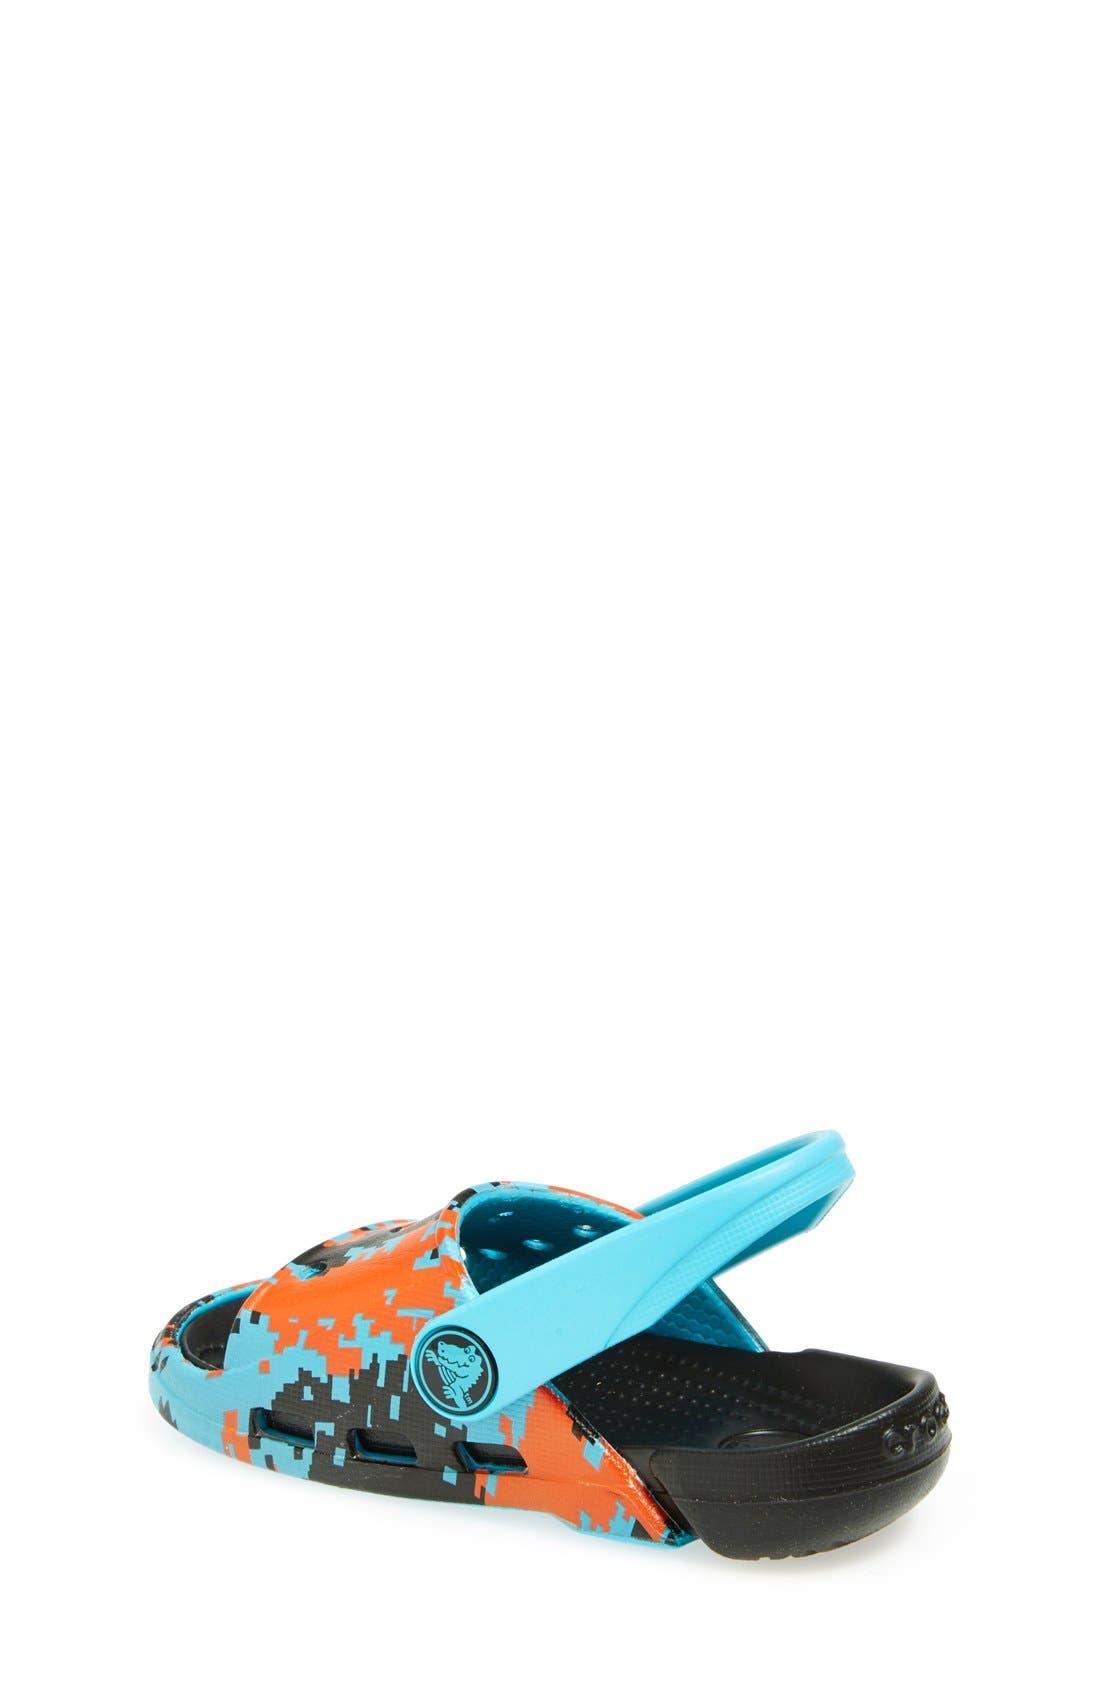 Alternate Image 2  - CROCS™ 'Electro Slide - Digi Camo' Sandal (Walker, Toddler & Little Kid)